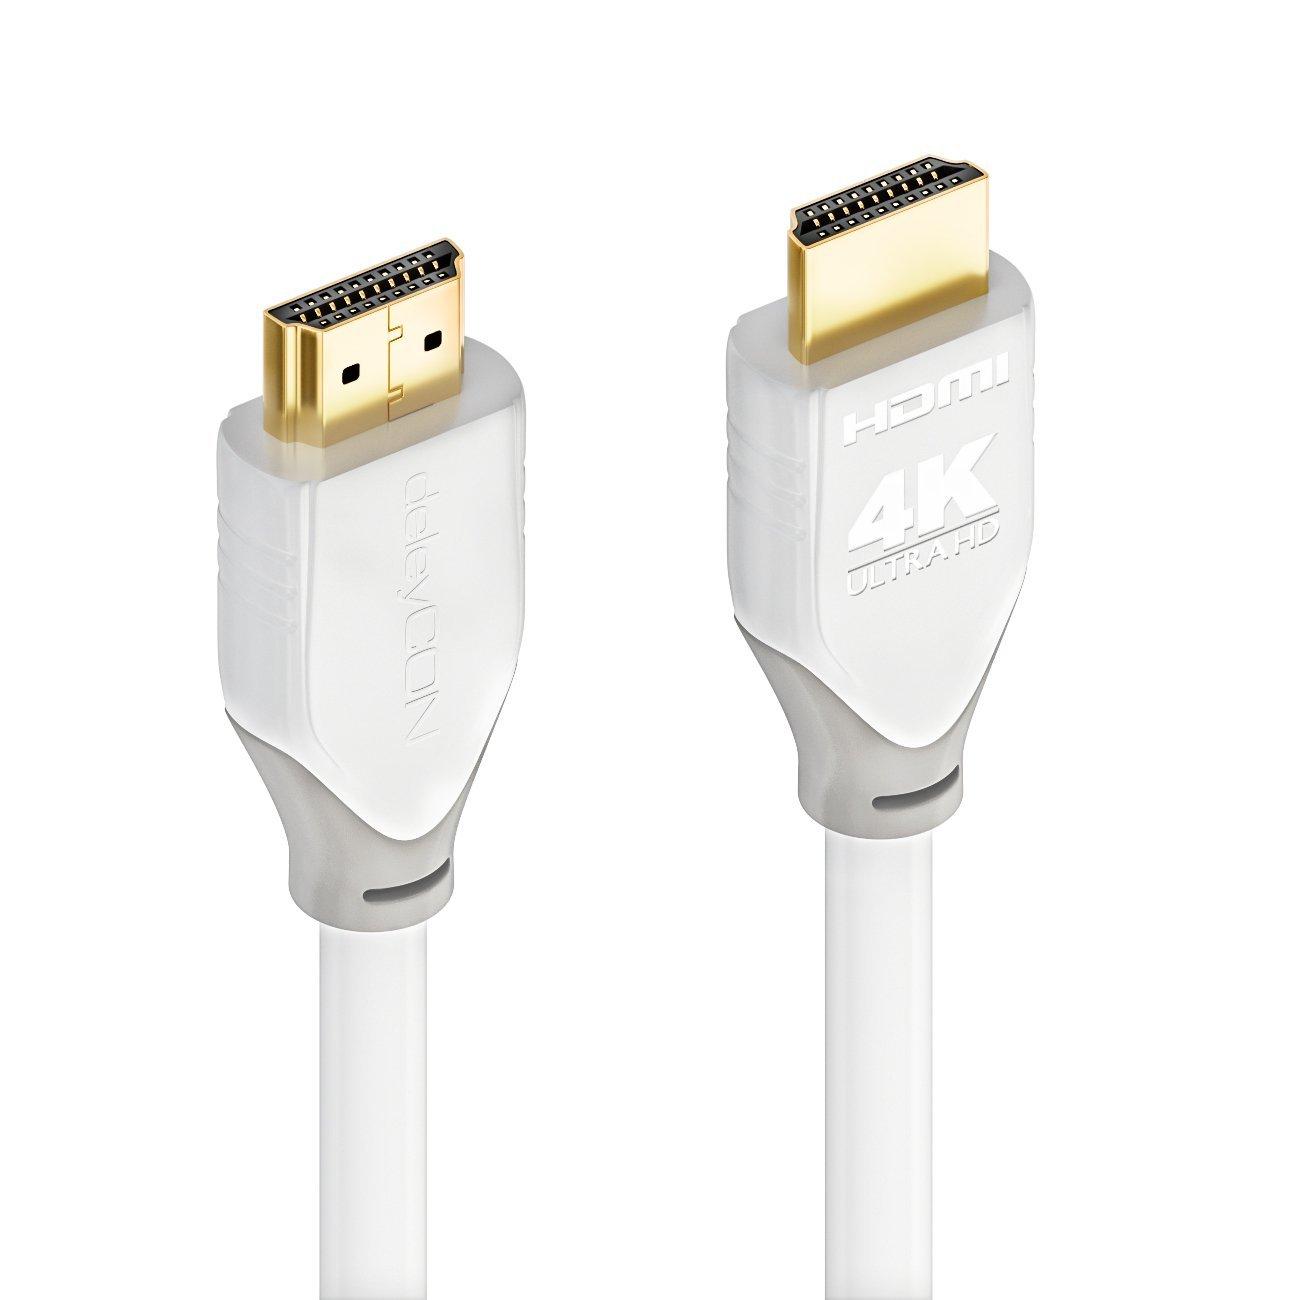 deleyCON HDMI Kabel - kompatibel zu HDMI 2.0a/b/1.4a - Weiß ...